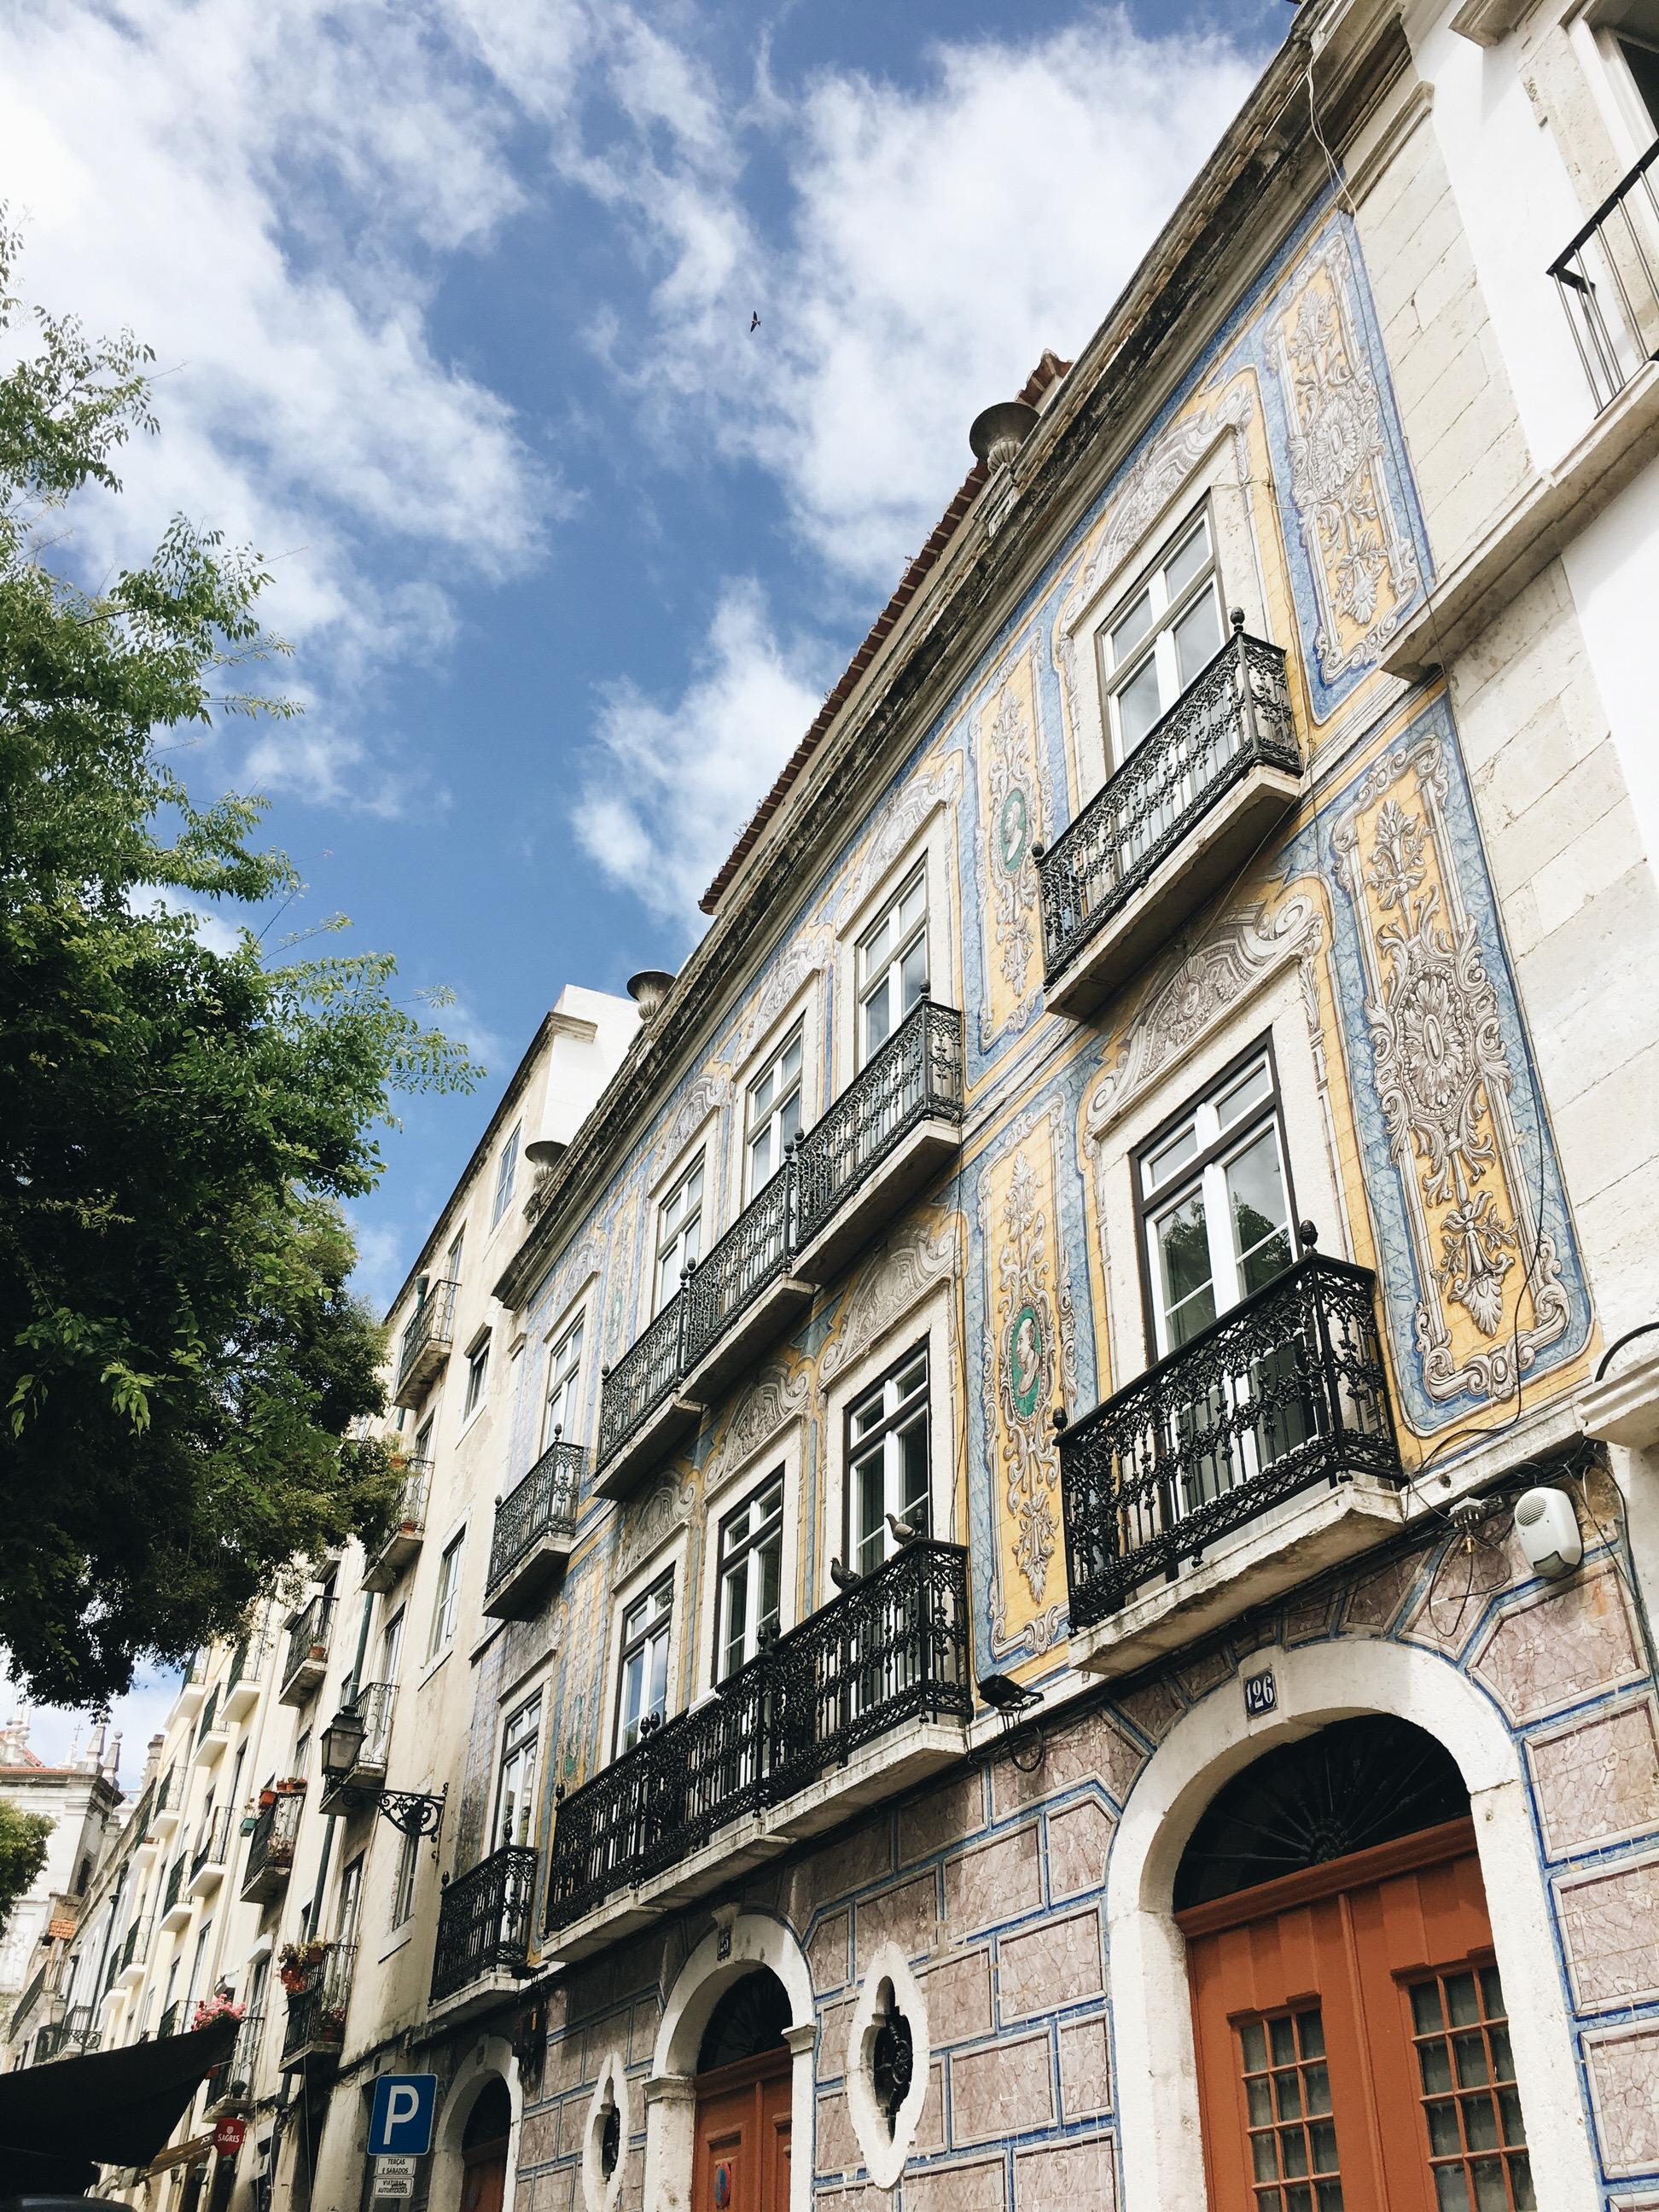 Reisebericht Lissabon auf meinem Mode und Travelblog